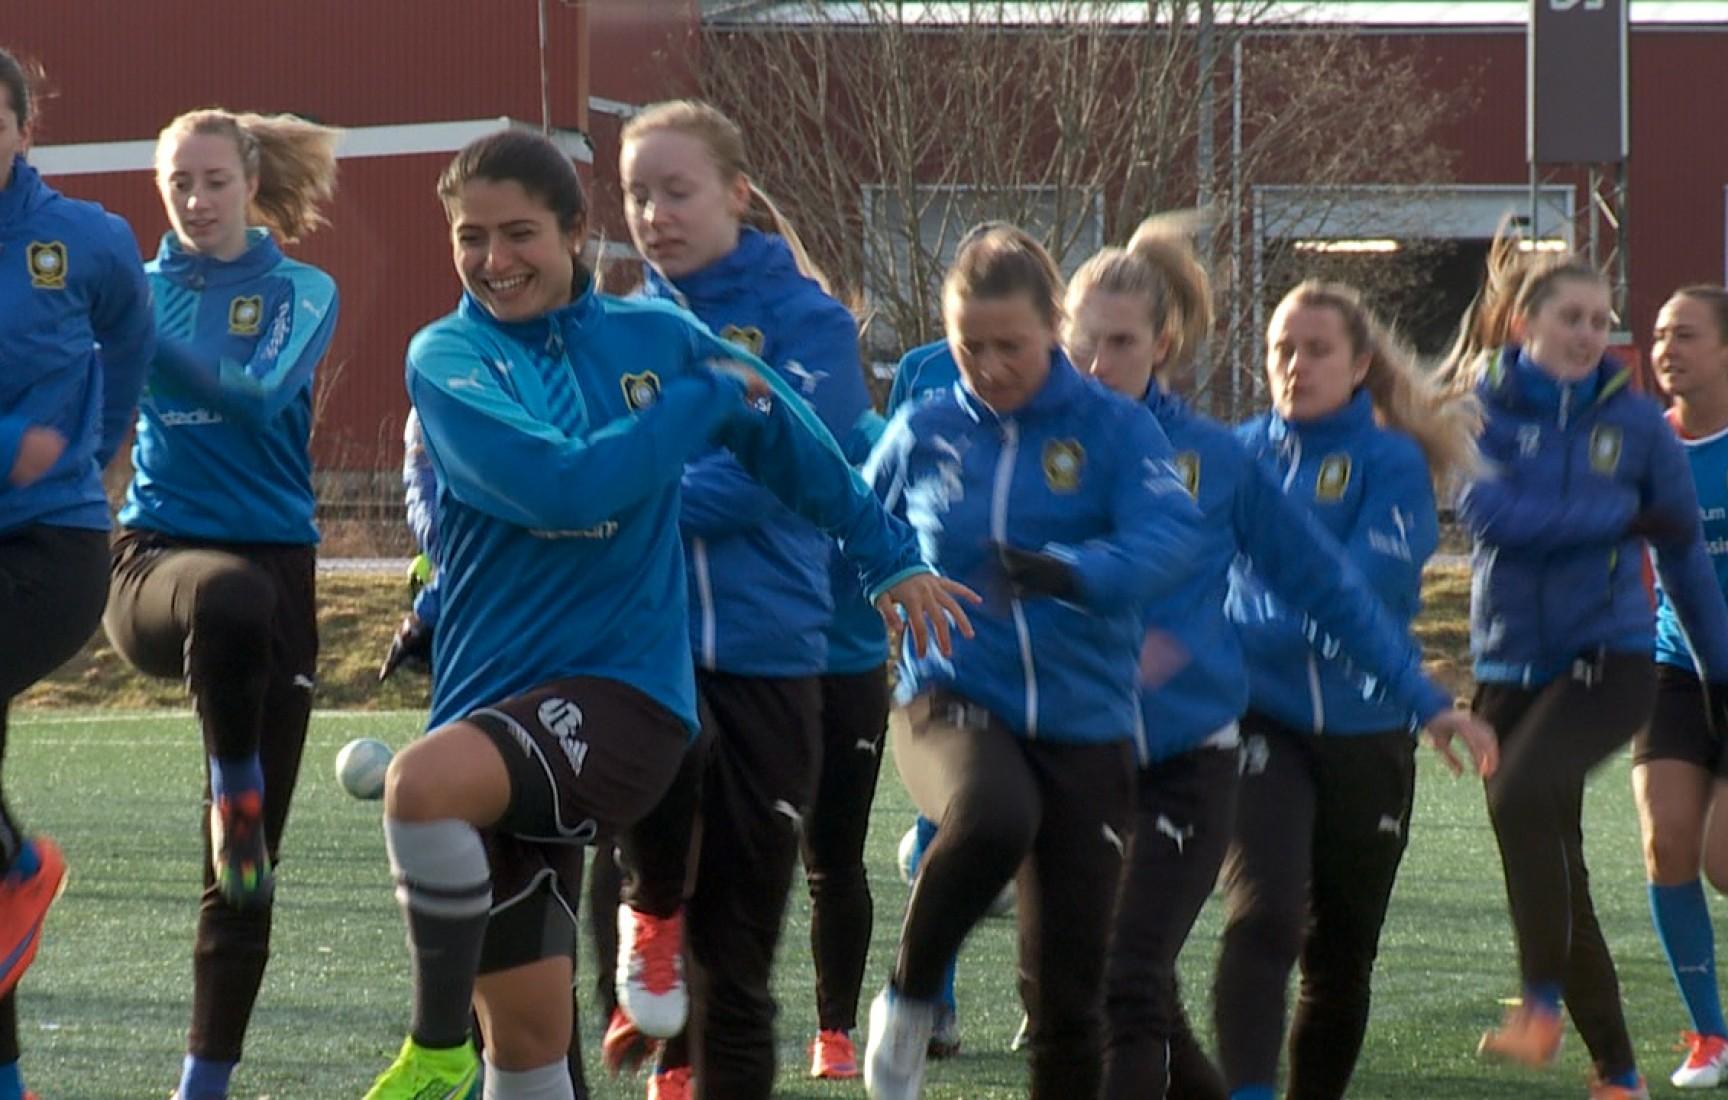 Glimt Sport – Qbik och Carlstad United inför premiären